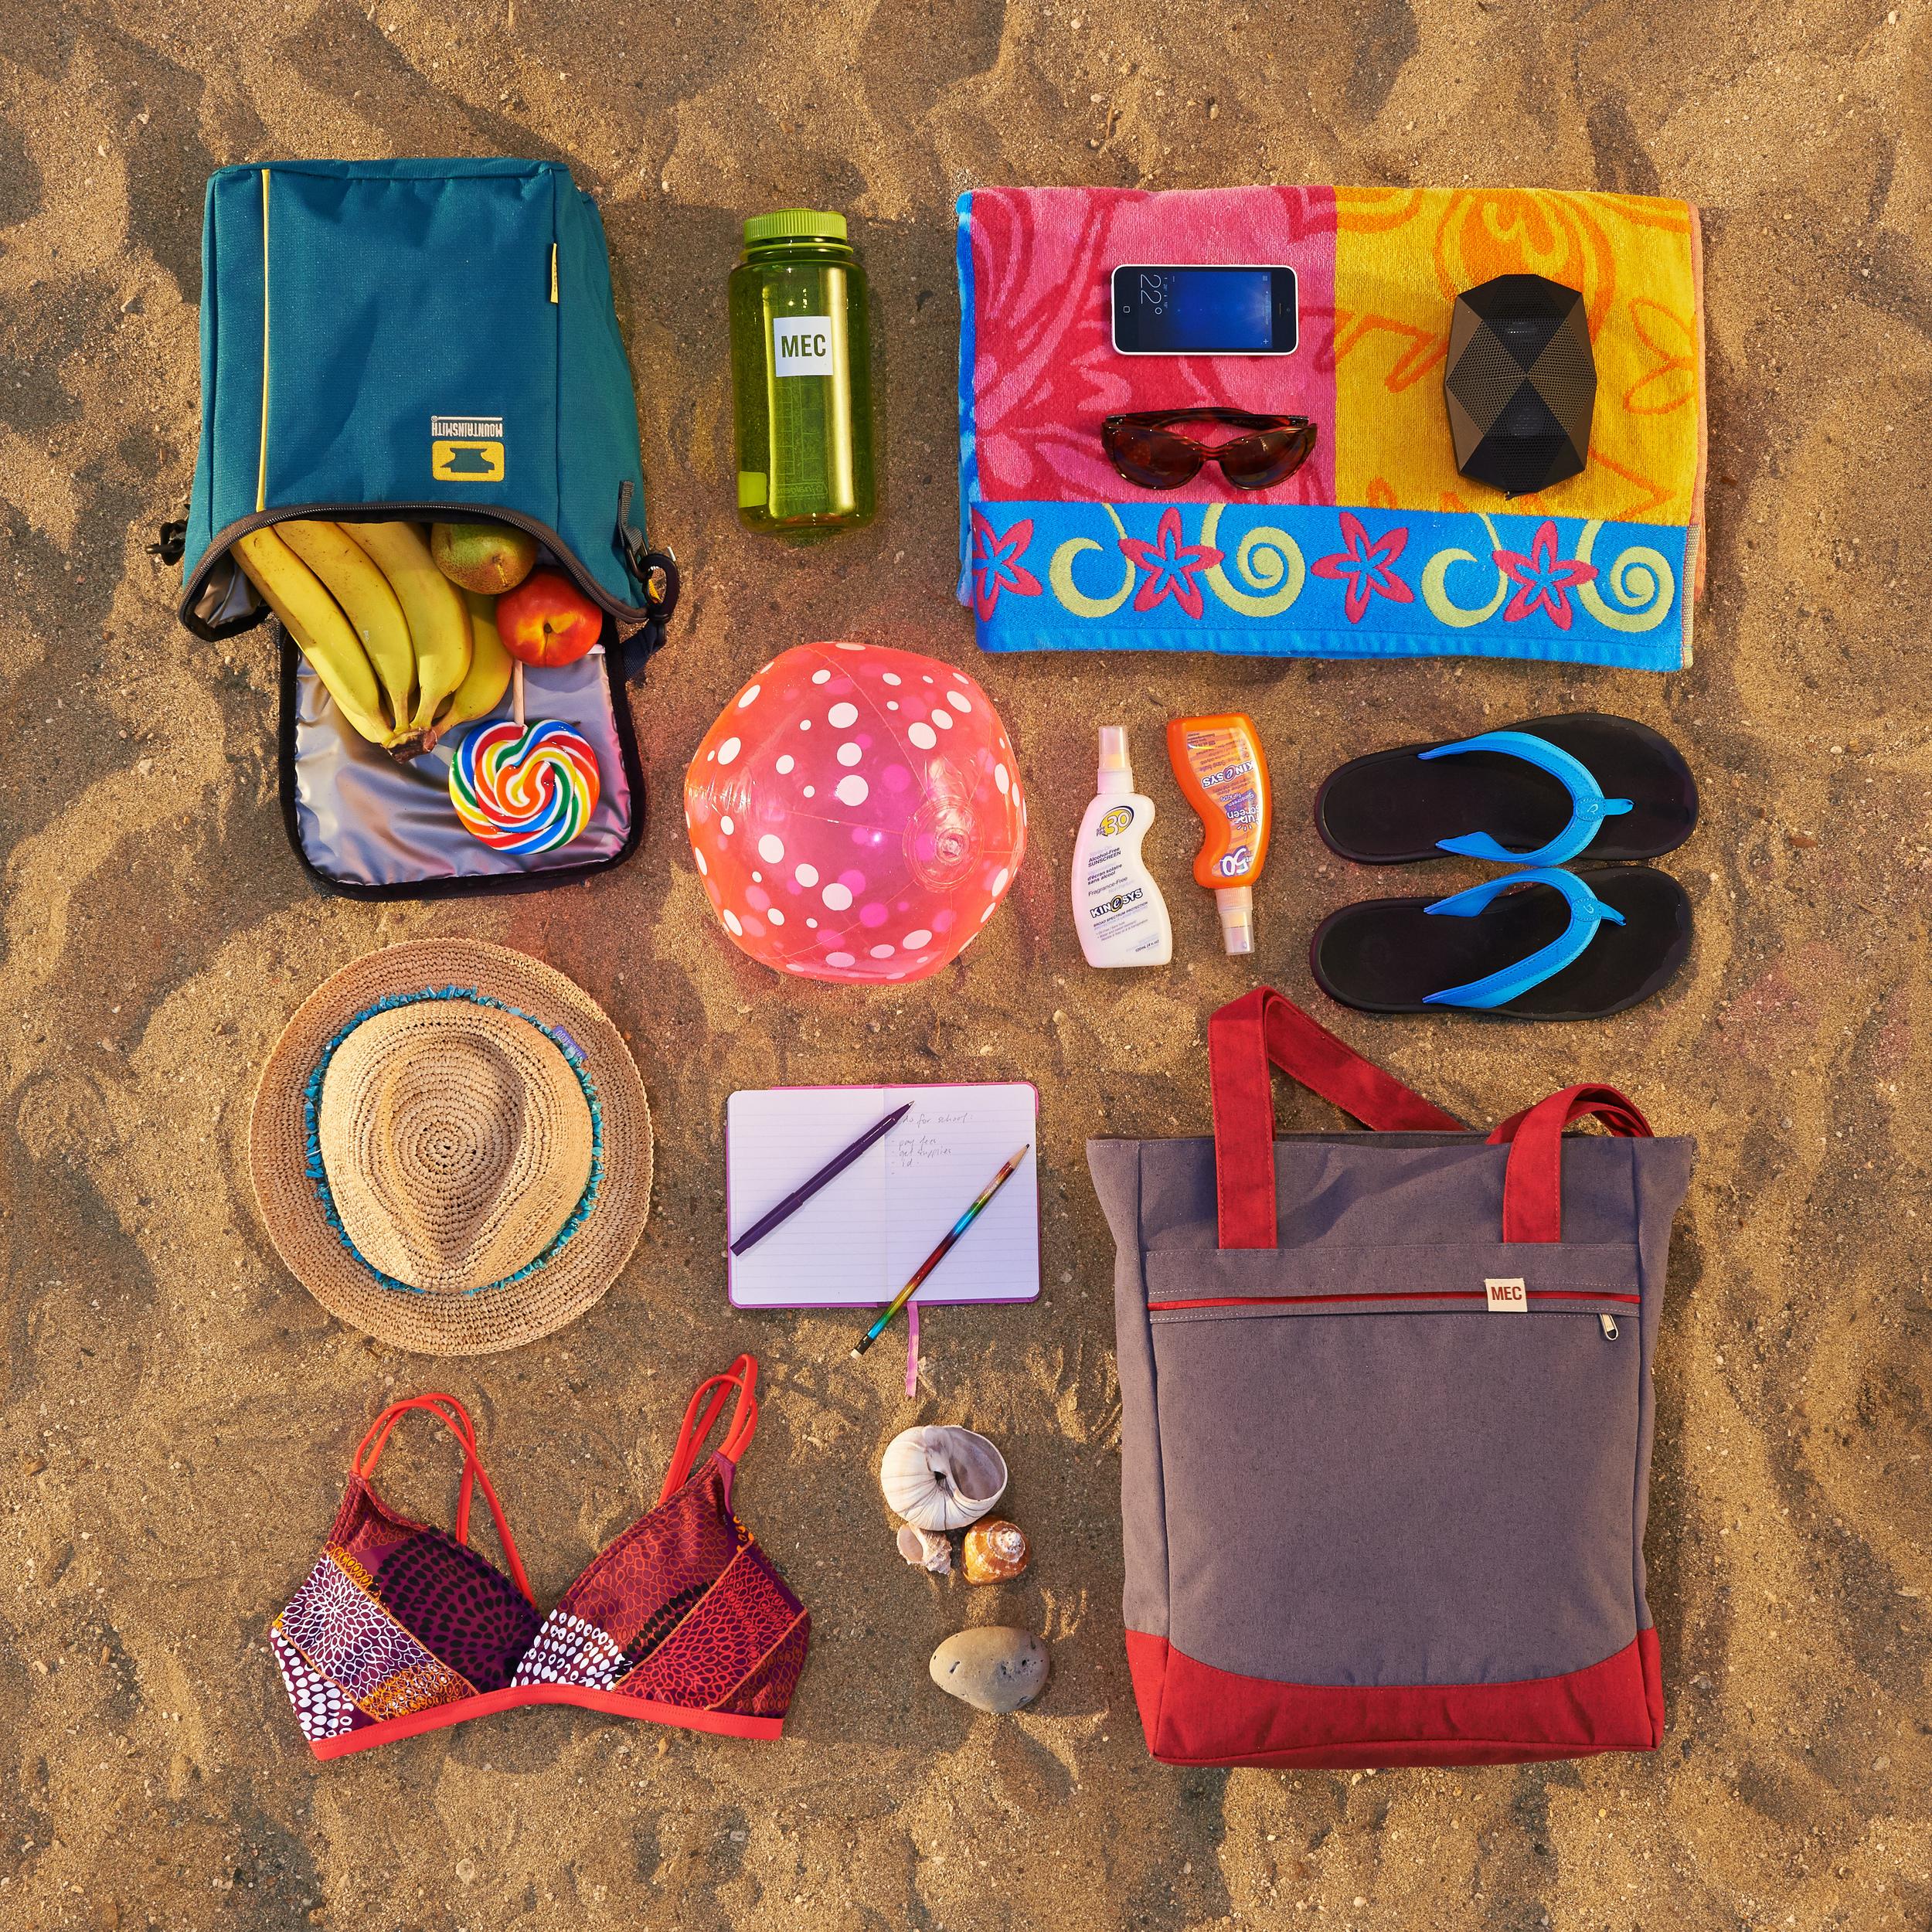 MEC Personas Beach Person 0051-2.jpg